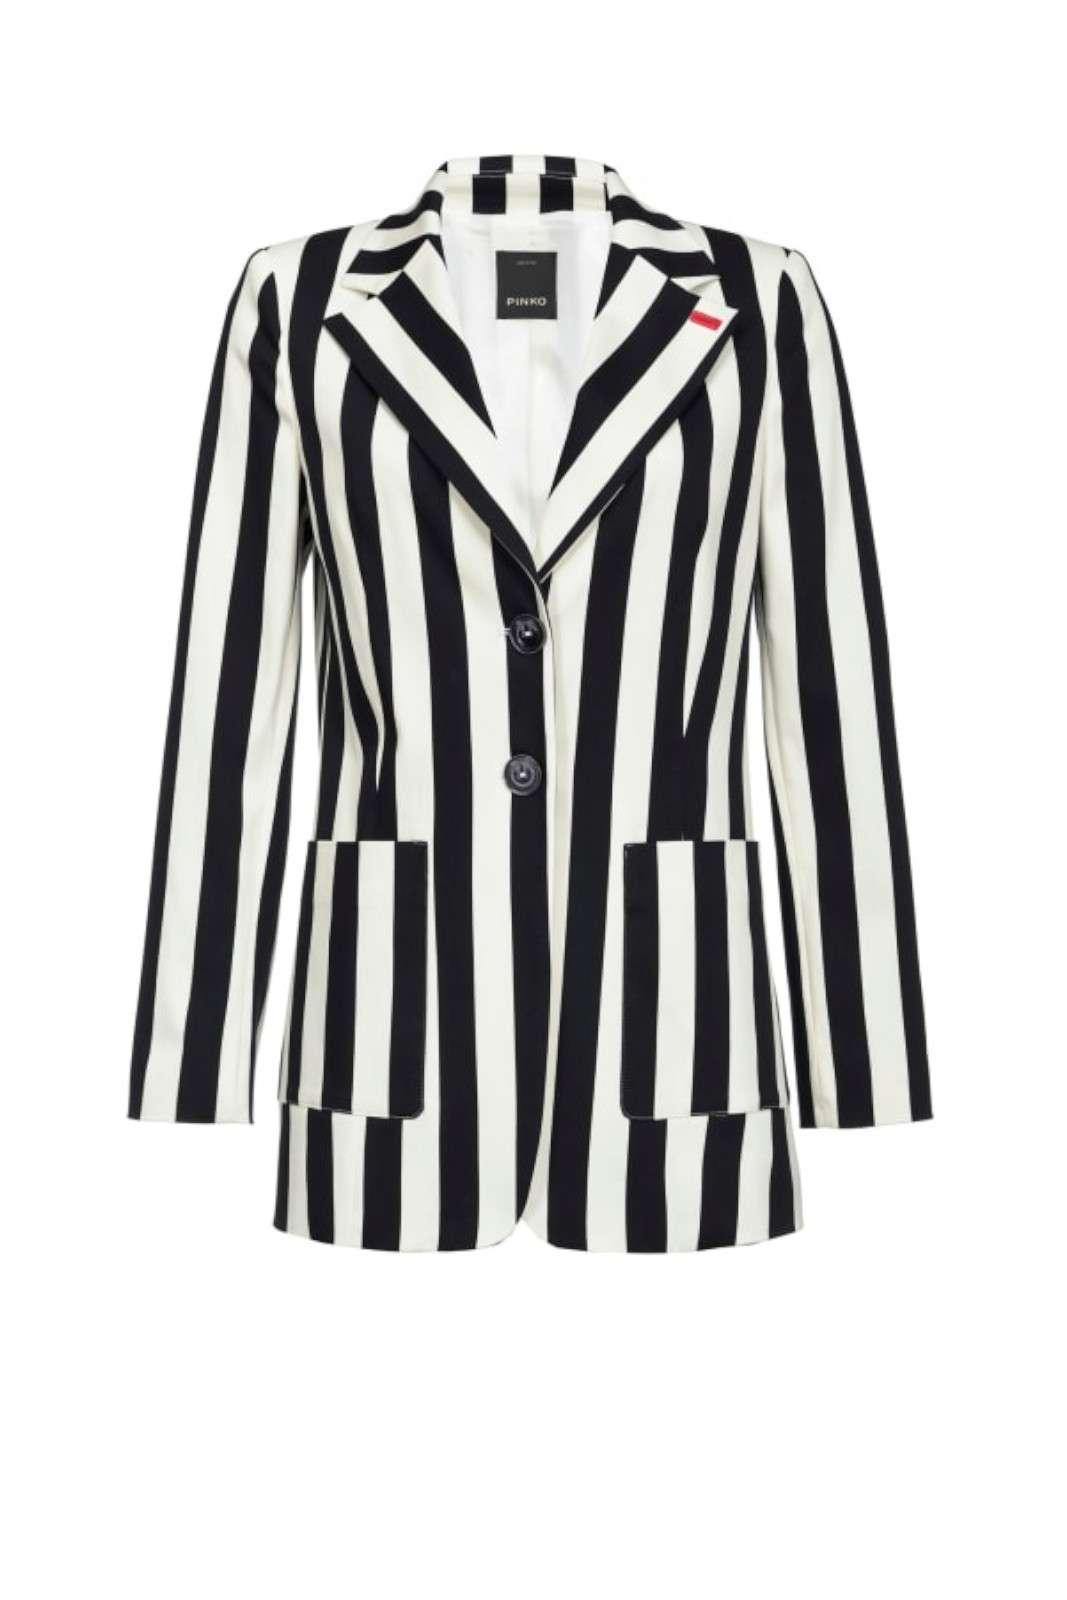 Una giacca dal fascino e dalla versatilità distinguibili, la CROCCANTE firmata dalla collezione donna Pinko. L'esclusiva fantasia rigata e la vestibilità dal taglio maschile si presta per i look più chic o glamour. Da abbinare con un pantalone o con un jeans è un capo essenziale per i look più glamour.